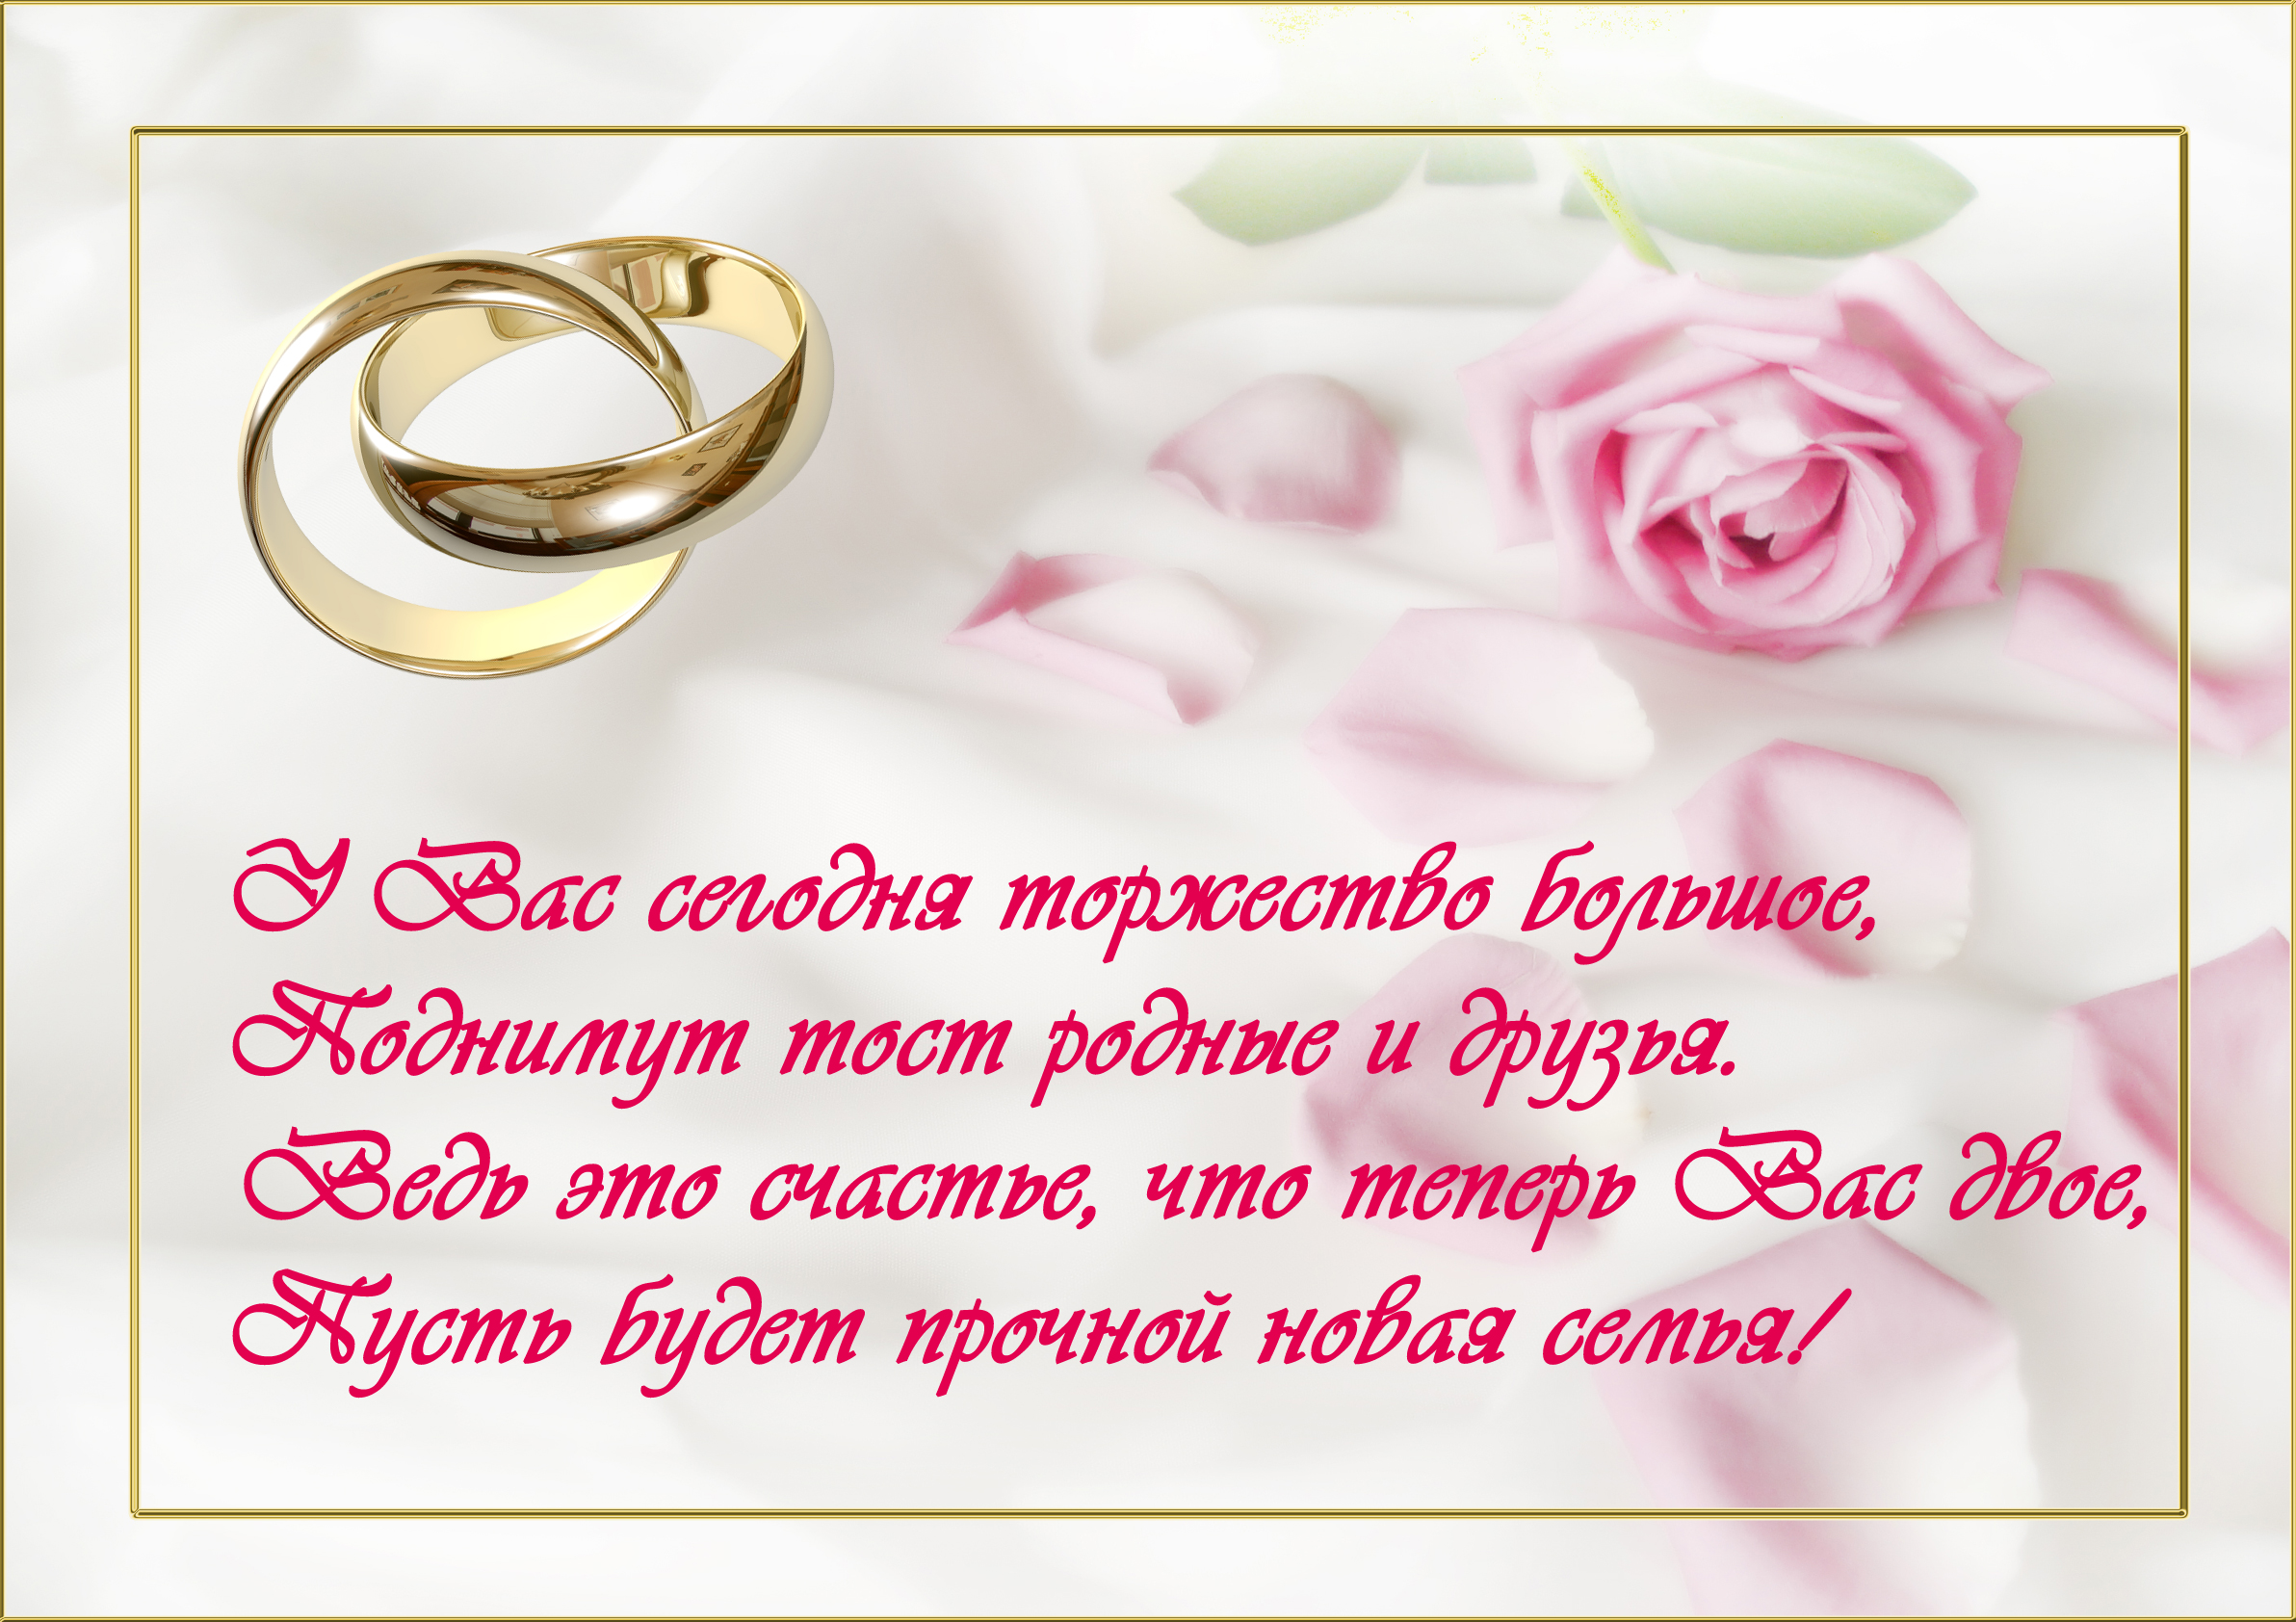 Поздравления с днем свадьбы другу в прозе